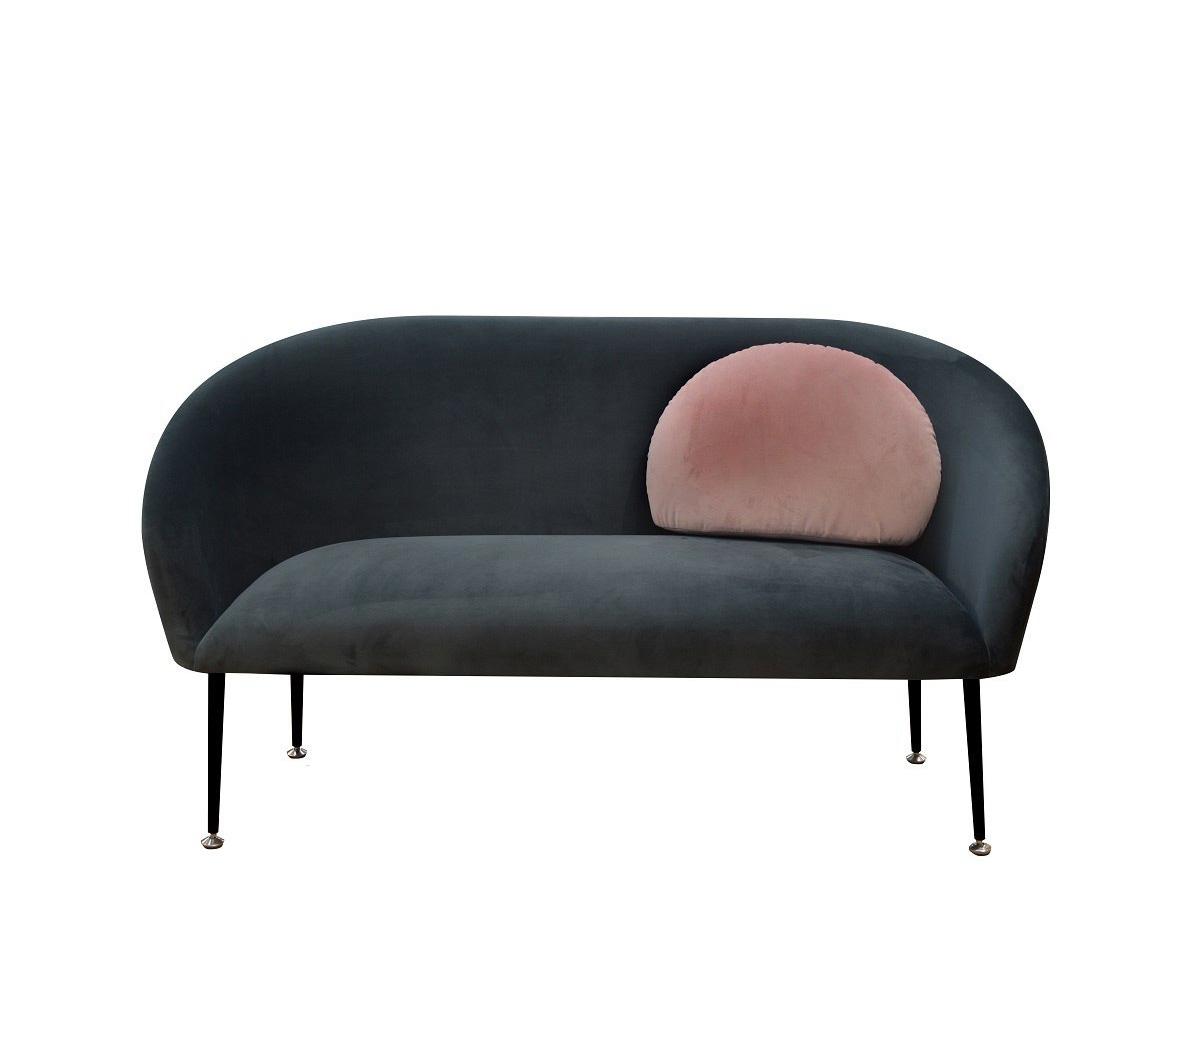 Sofa-Plum_[2152]_1200